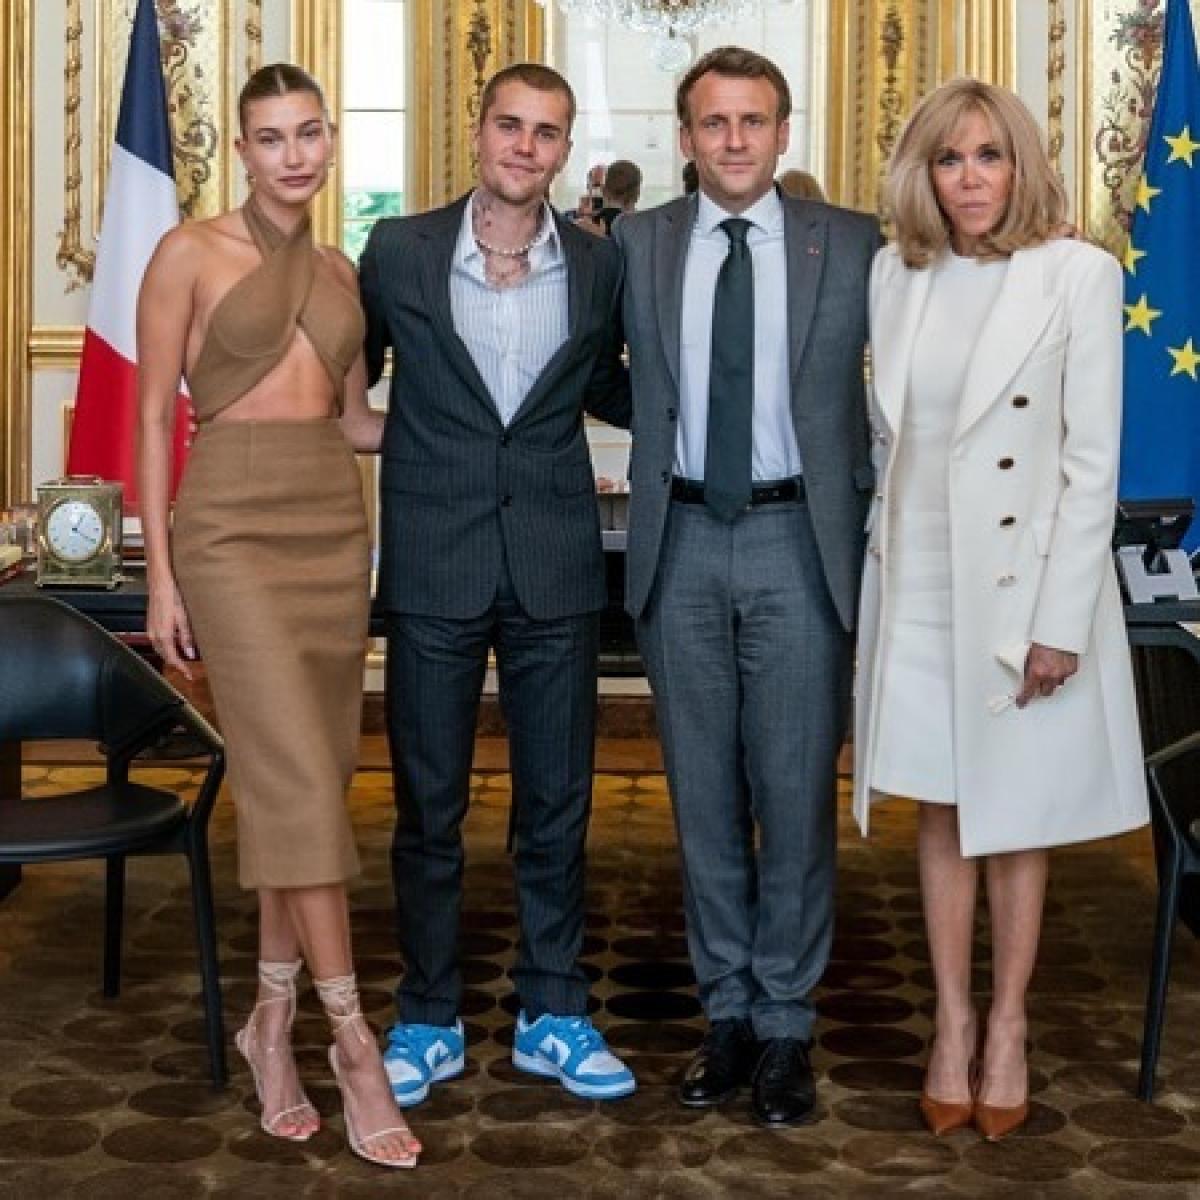 Cặp đôi vinh dự có cuộc gặp mặt và chụp hình với người đứng đầu nước Pháp - Tổng thống Emmanuel Macron cùng phu nhân của ông./.